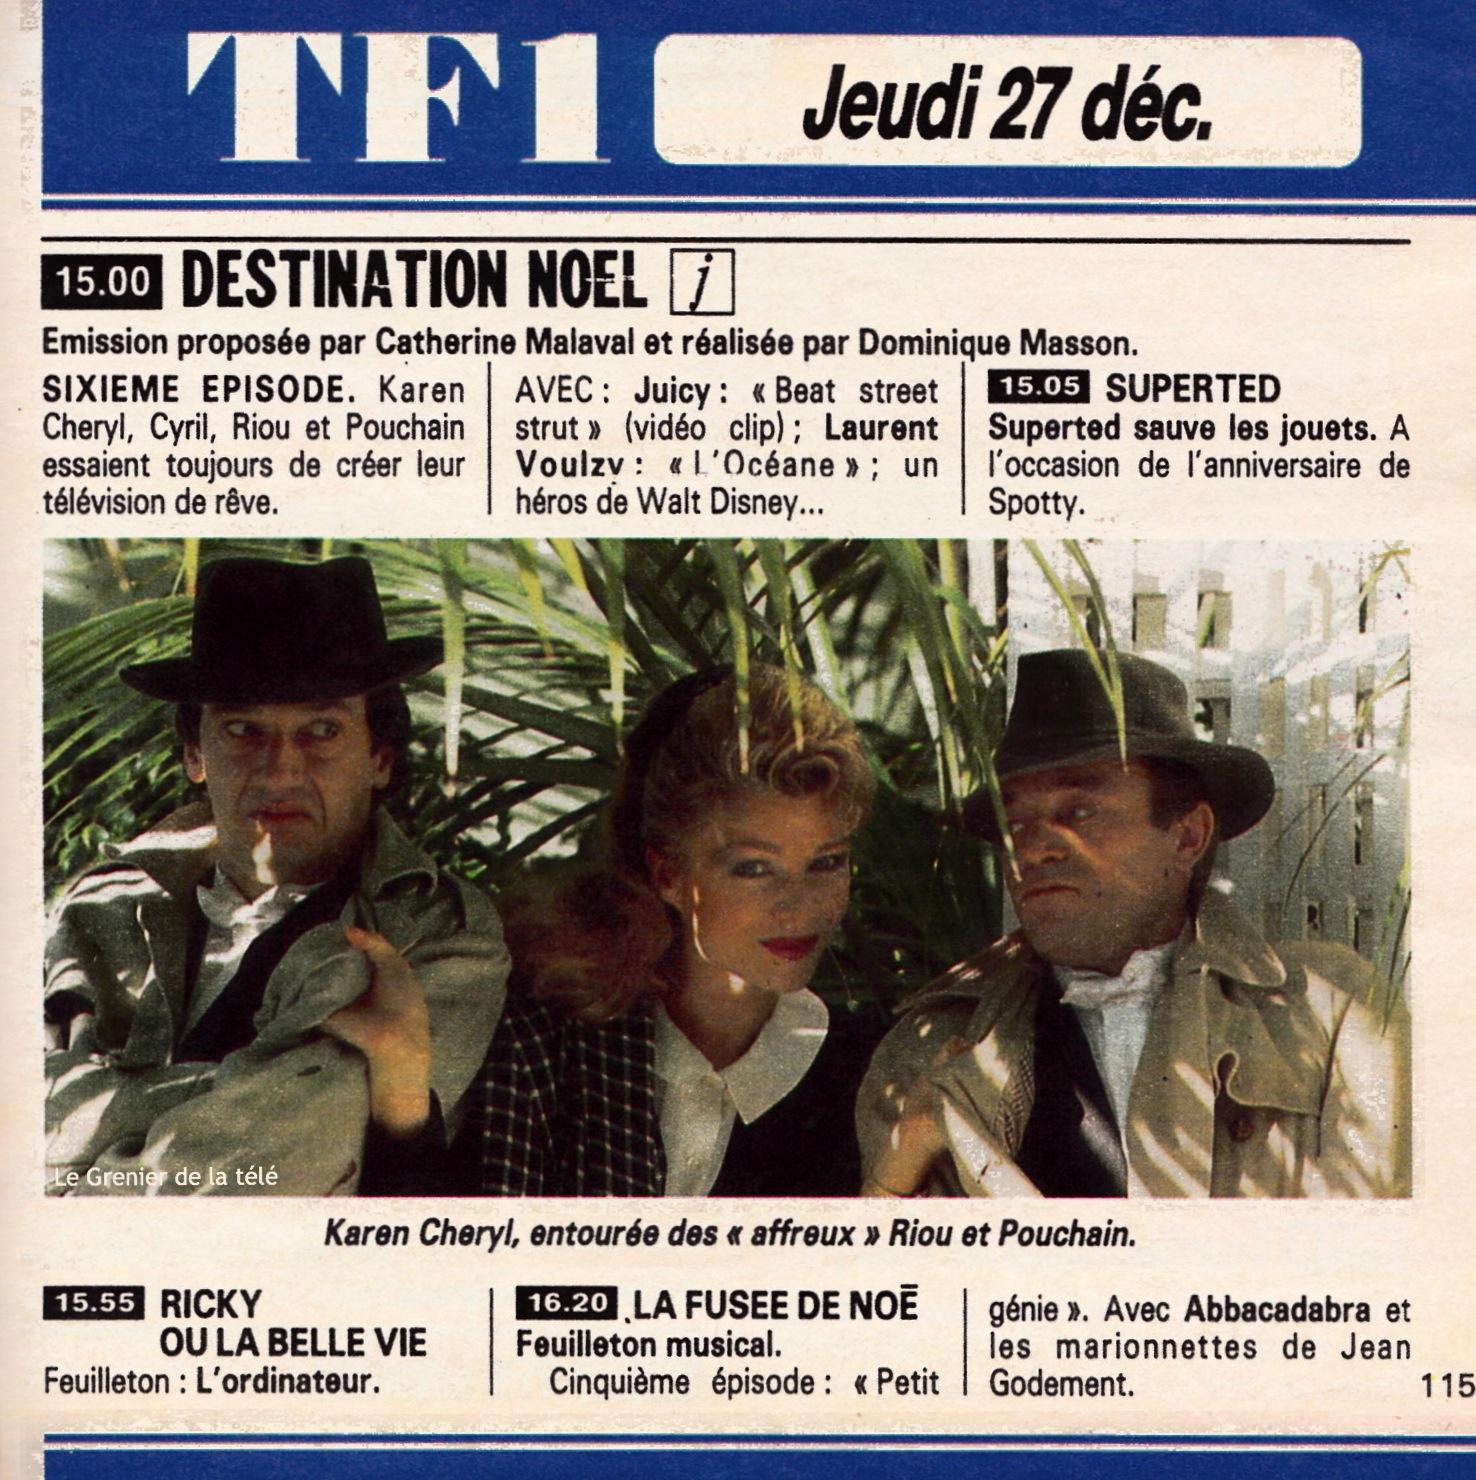 http://grenierdelatv.free.fr/2/destinationnoel27dec1984.jpg